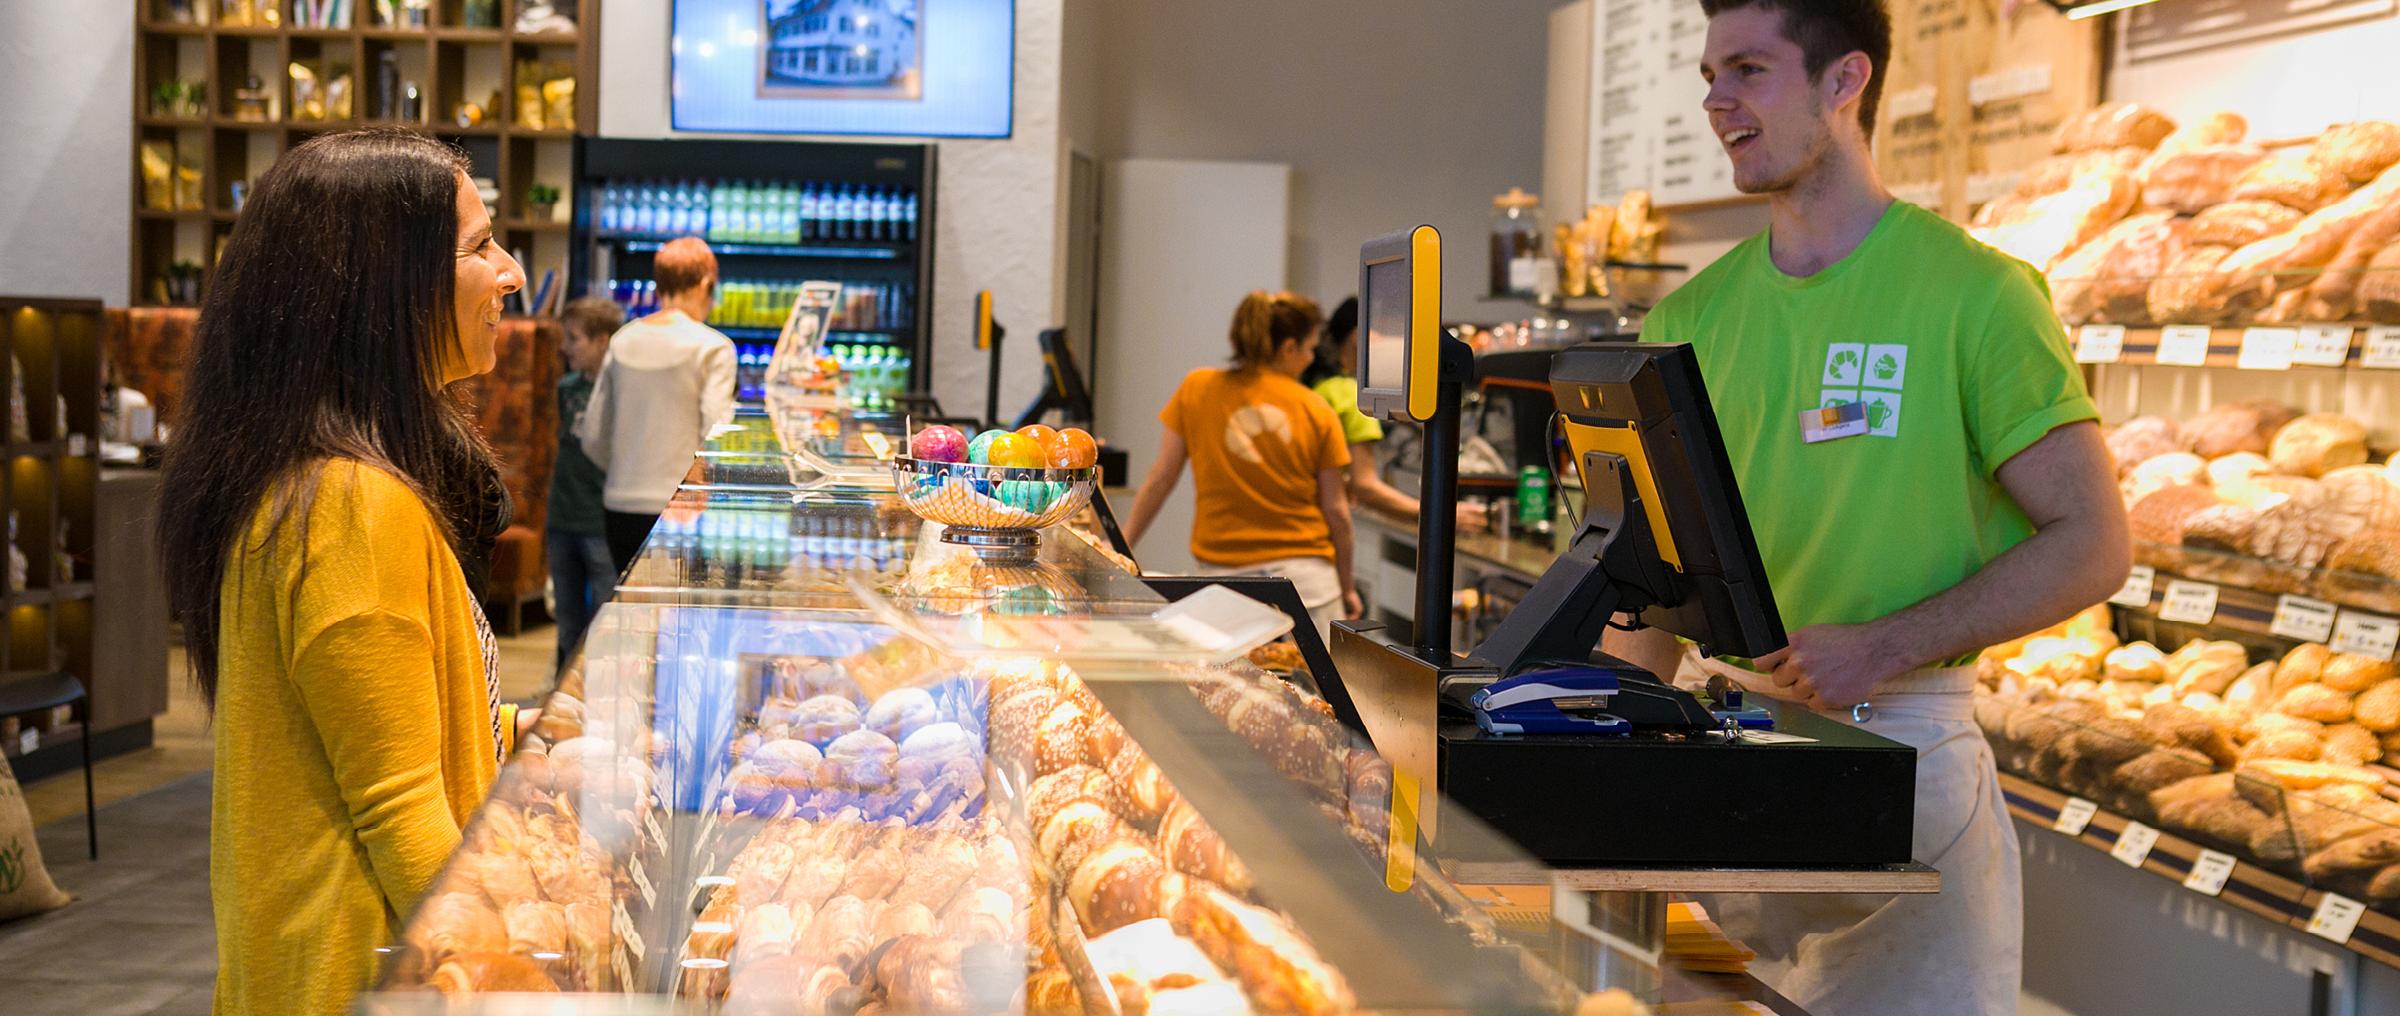 slider_kaffeemarkt4